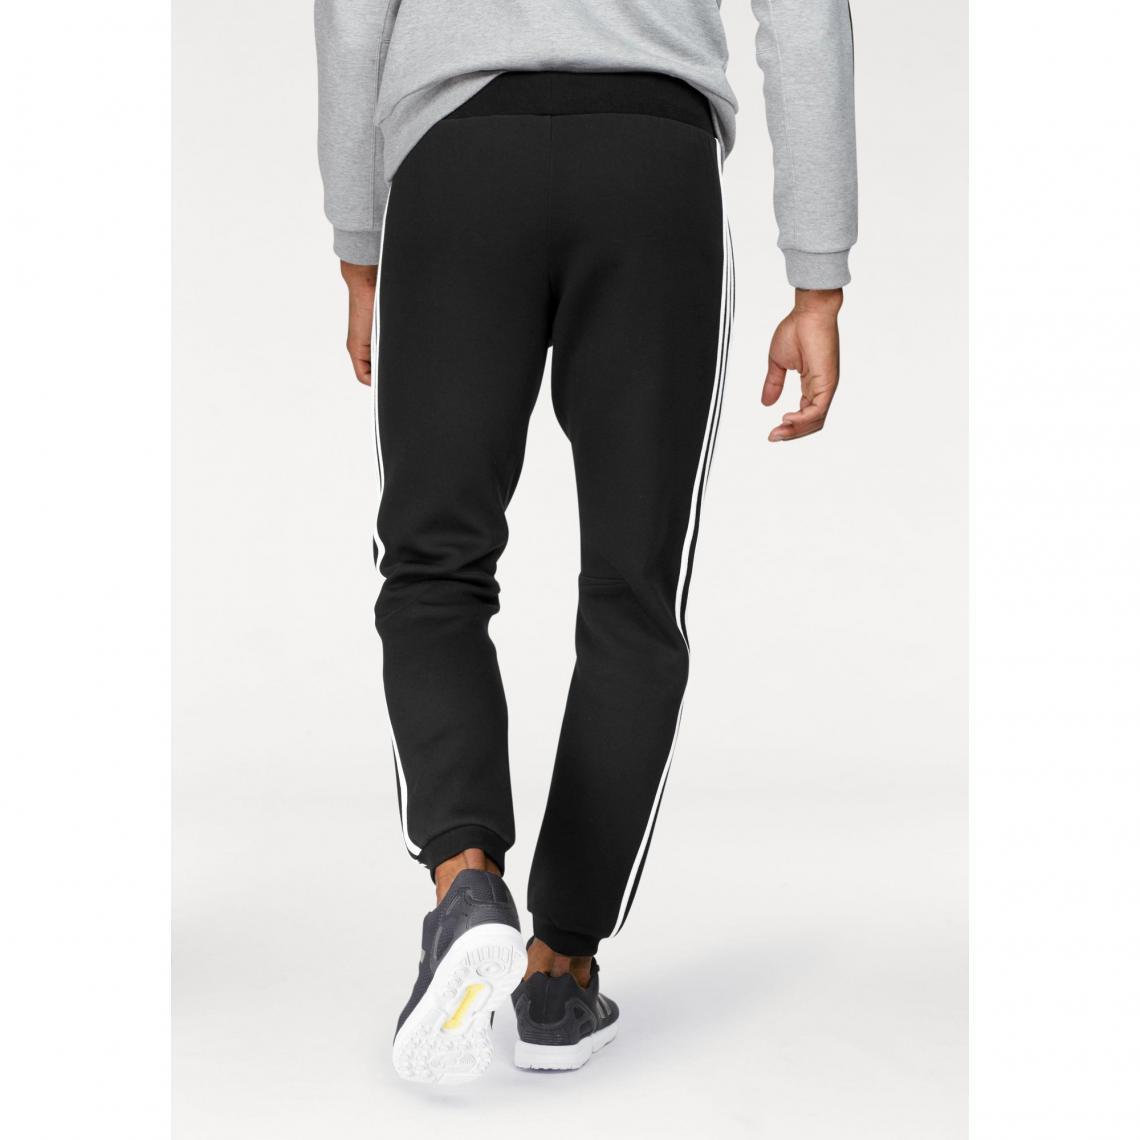 Pantalon de survêtement Curated Pants homme adidas Originals - Noir ... b8e6f6869b0